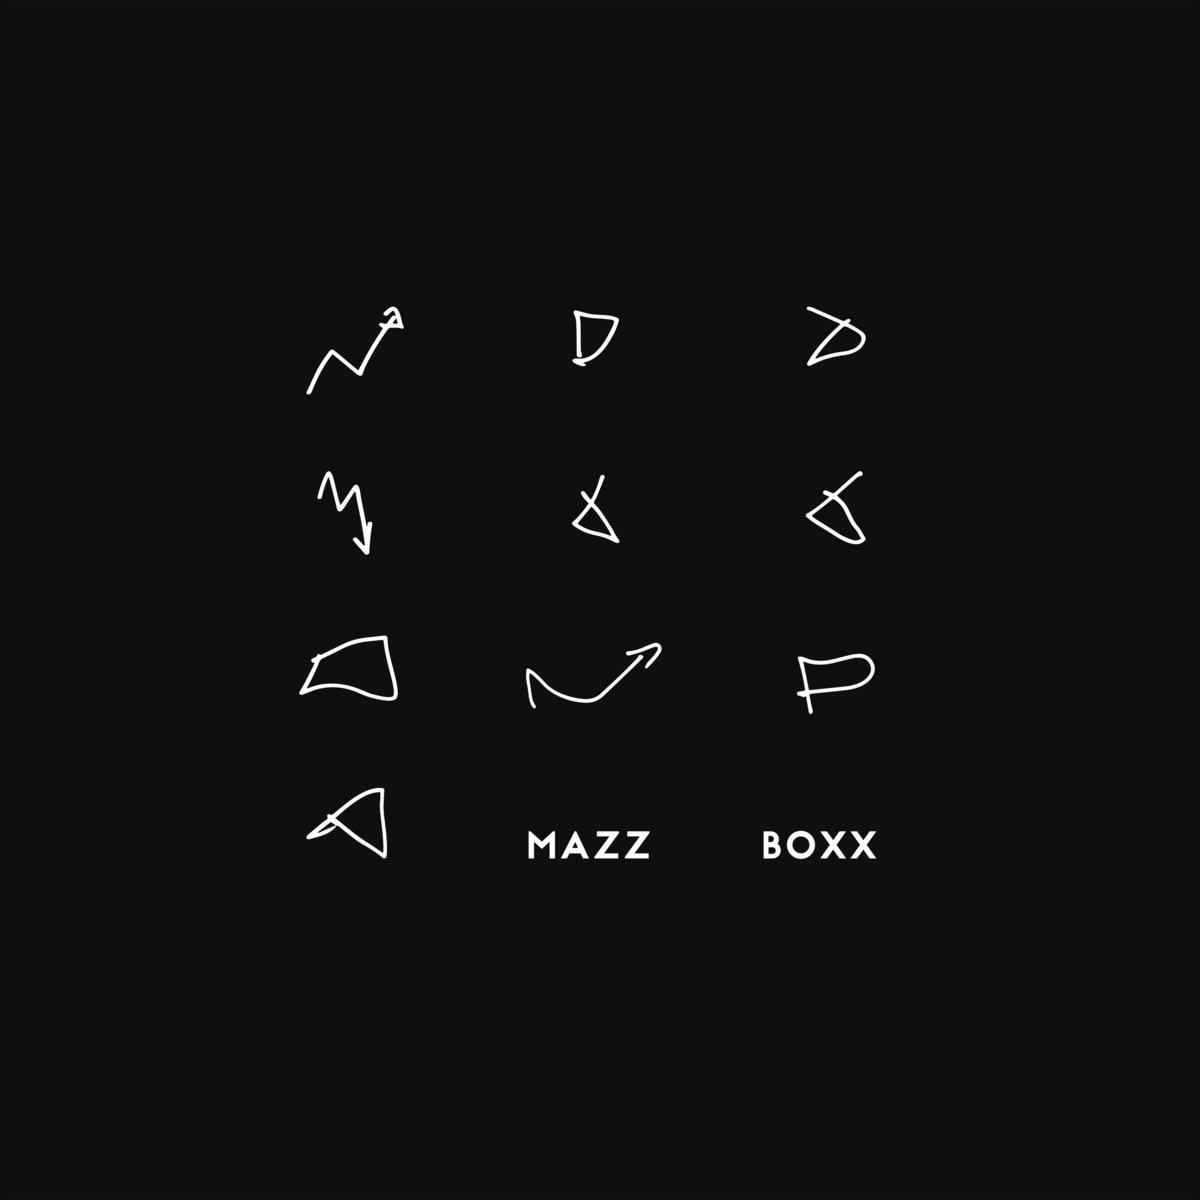 mazzboxx – mazzboxx [audio cave;2021]